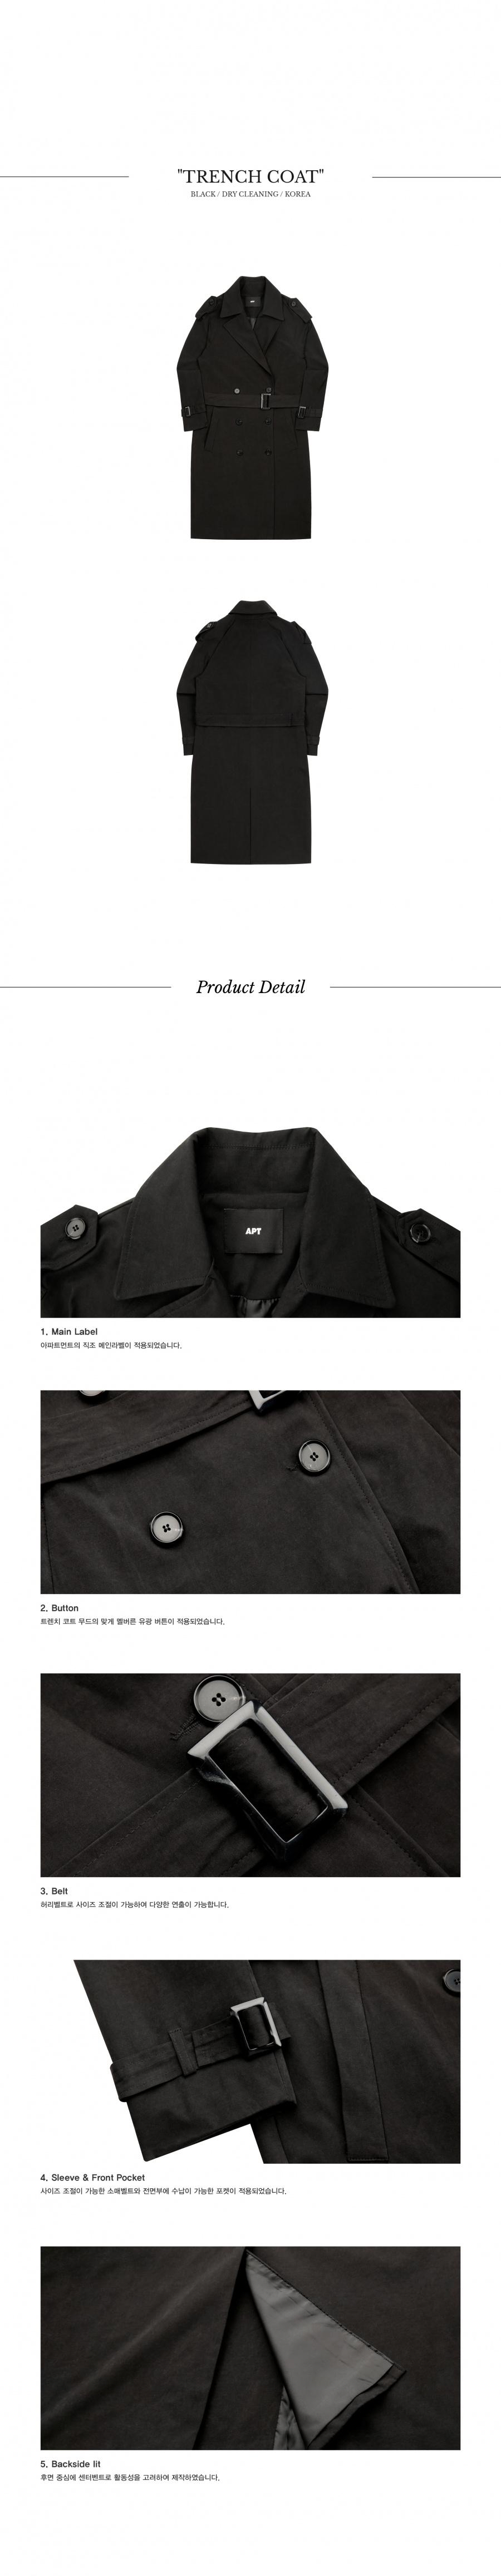 아파트먼트(APARTMENT) APT Trench Coat - Black